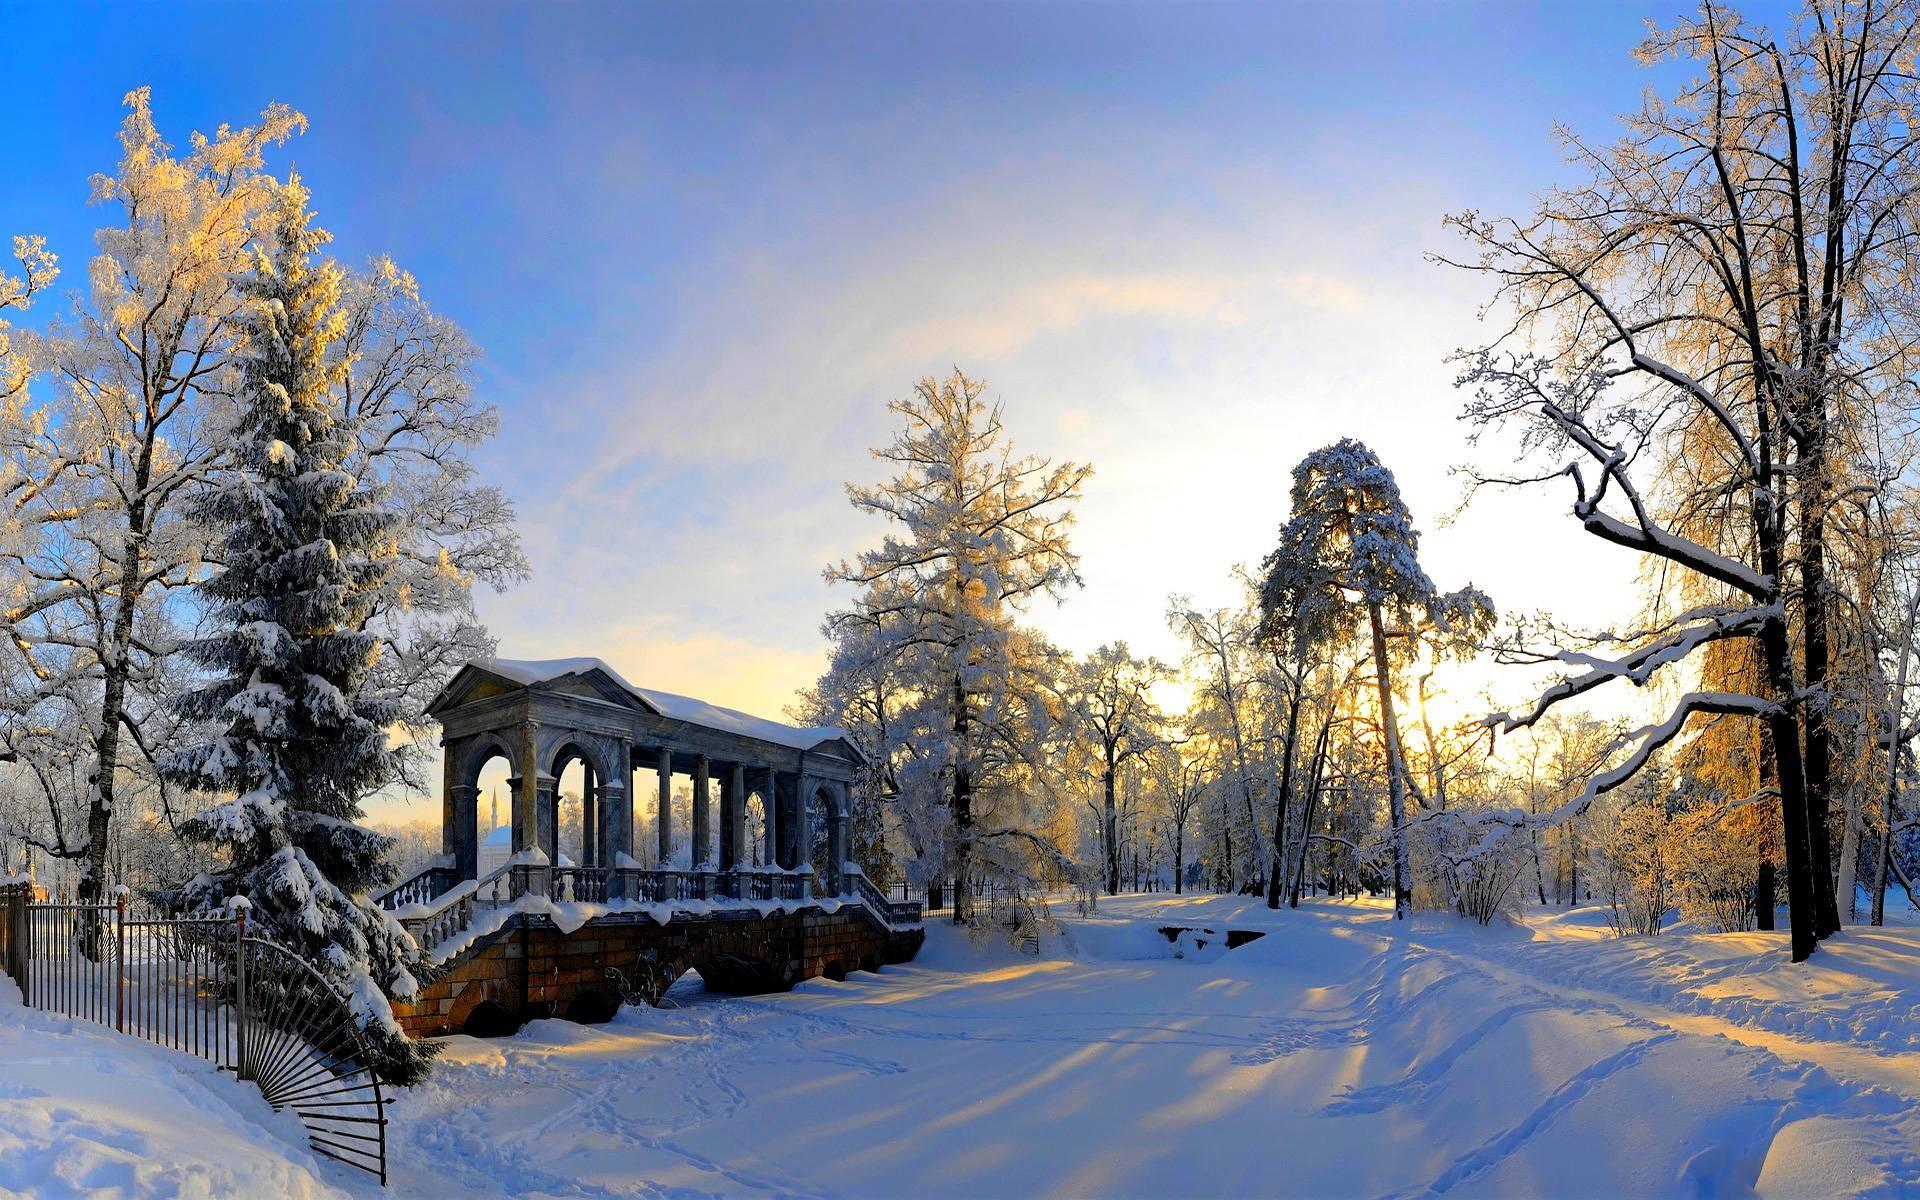 desktop wallpaper winter landscapes – www.wallpapers-in-hd.com